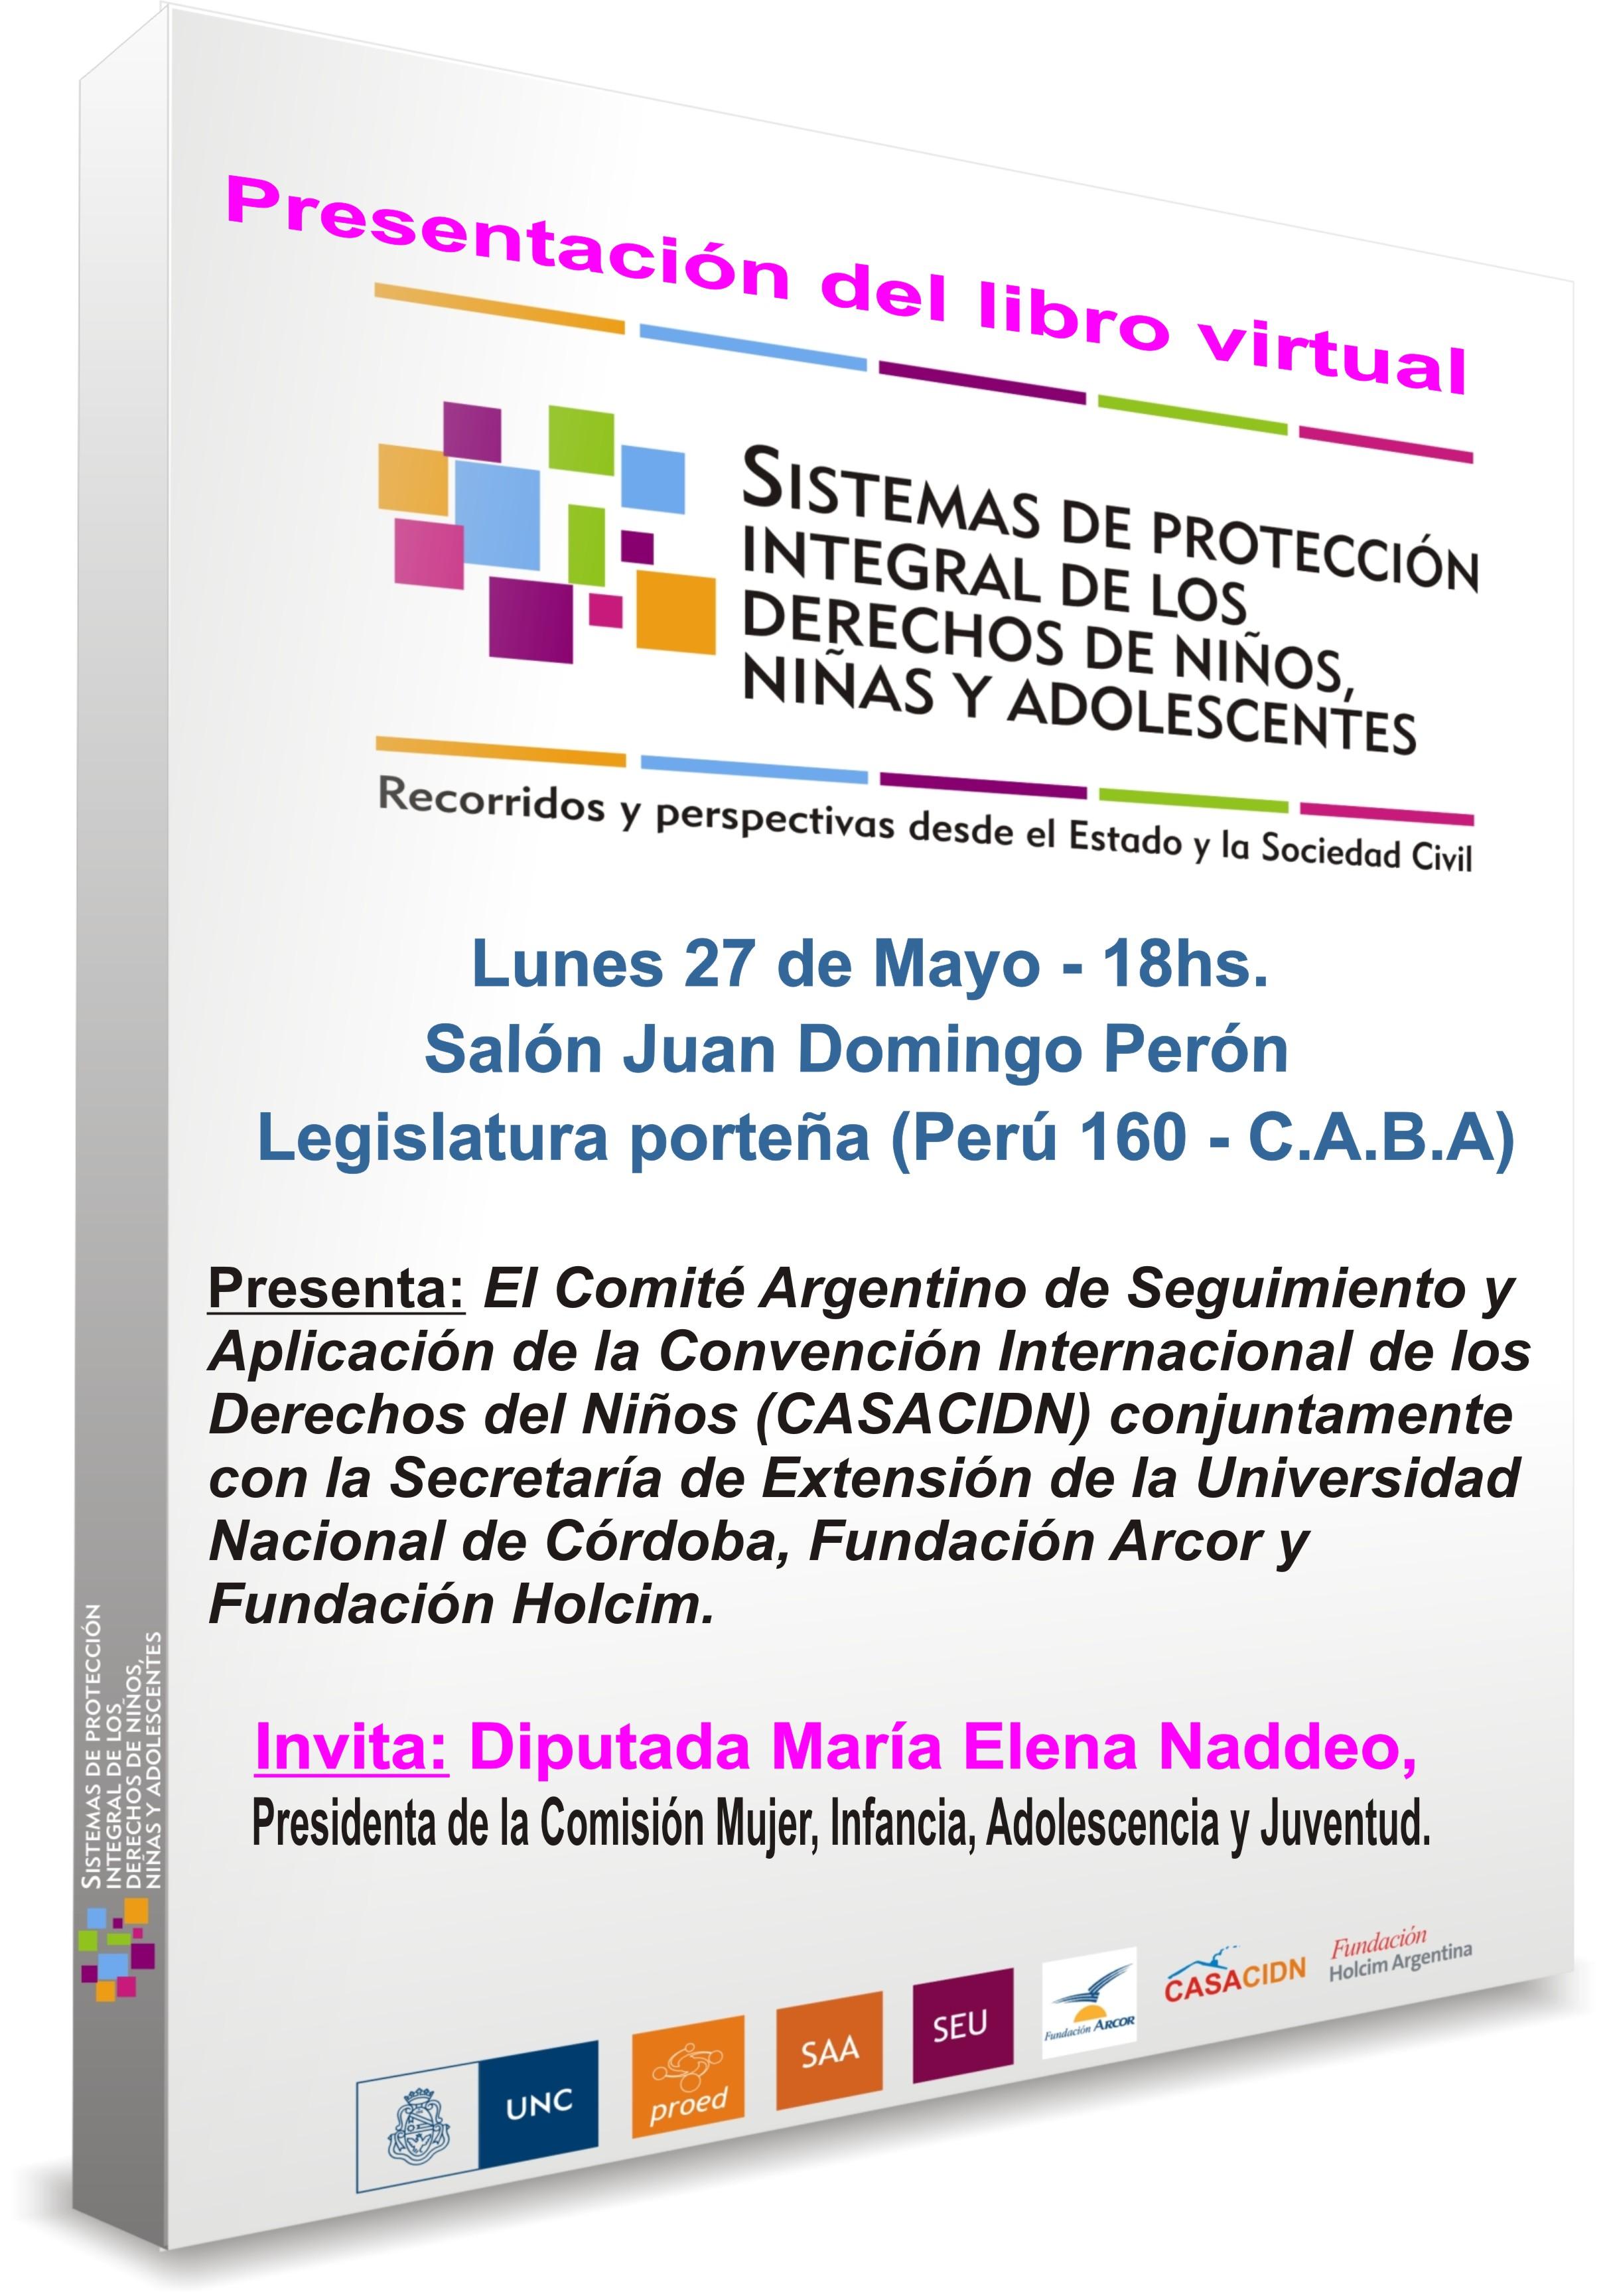 """Presentación del libro virtual """"Sistemas de protección integral de los derechos de niños, niñas y adolescentes»"""